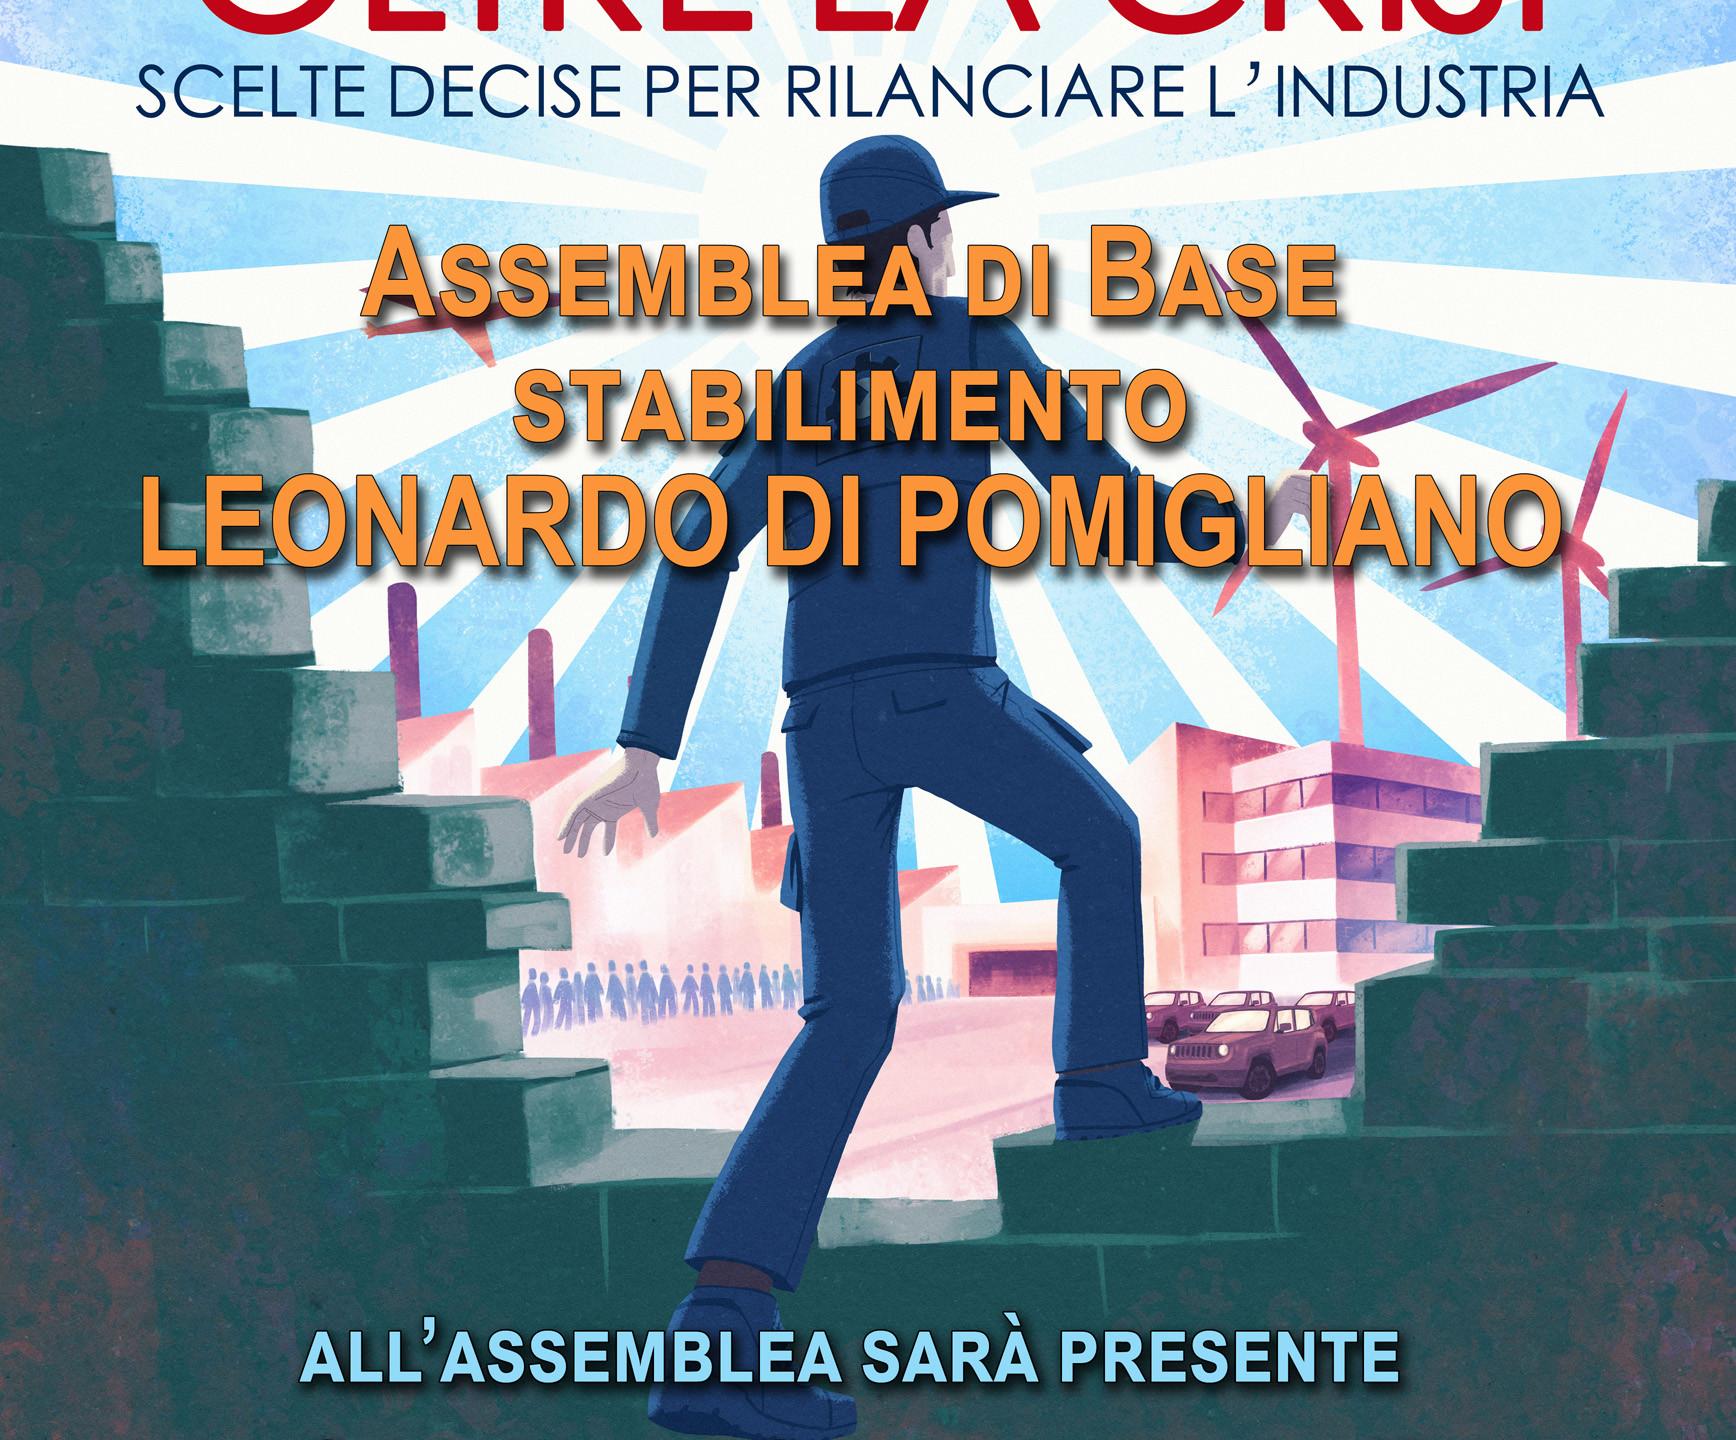 Assemblea di base Leonardo Pomigliano_light